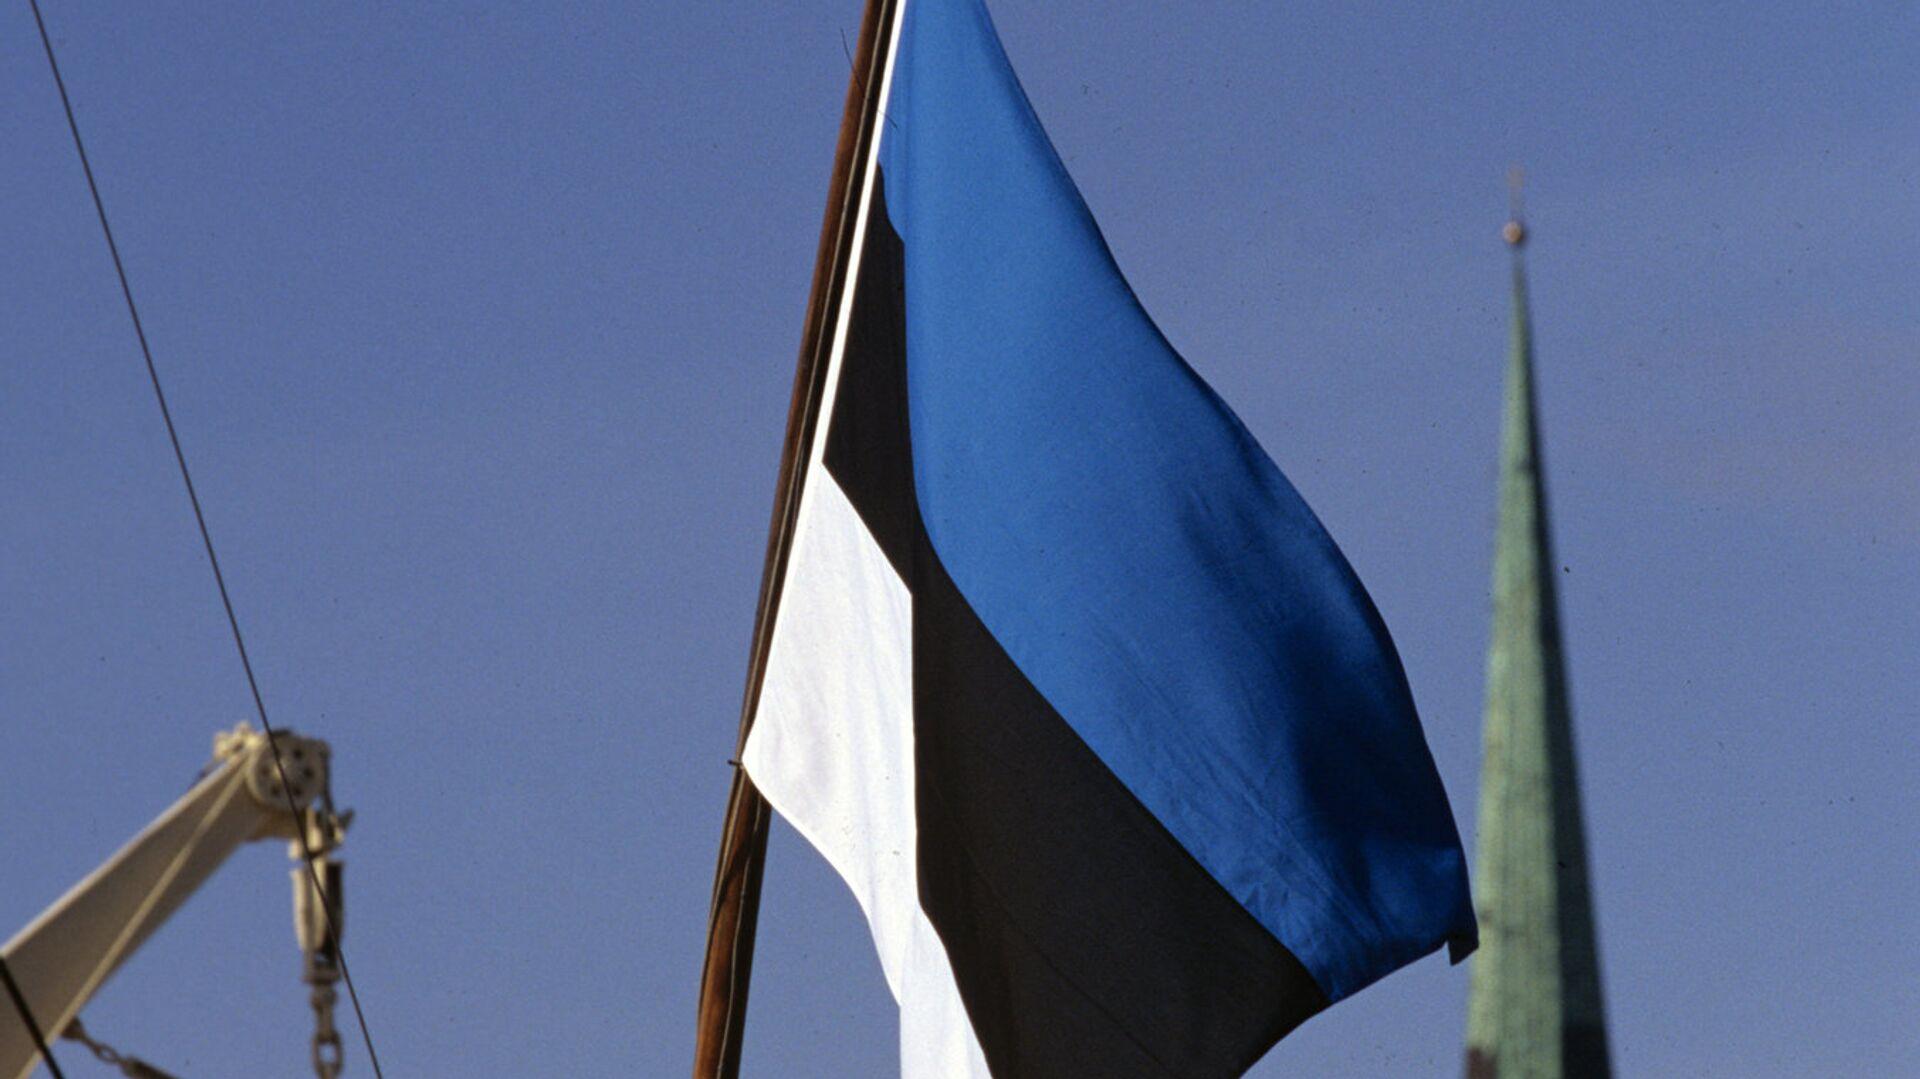 Bandera de Estonia - Sputnik Mundo, 1920, 15.07.2021